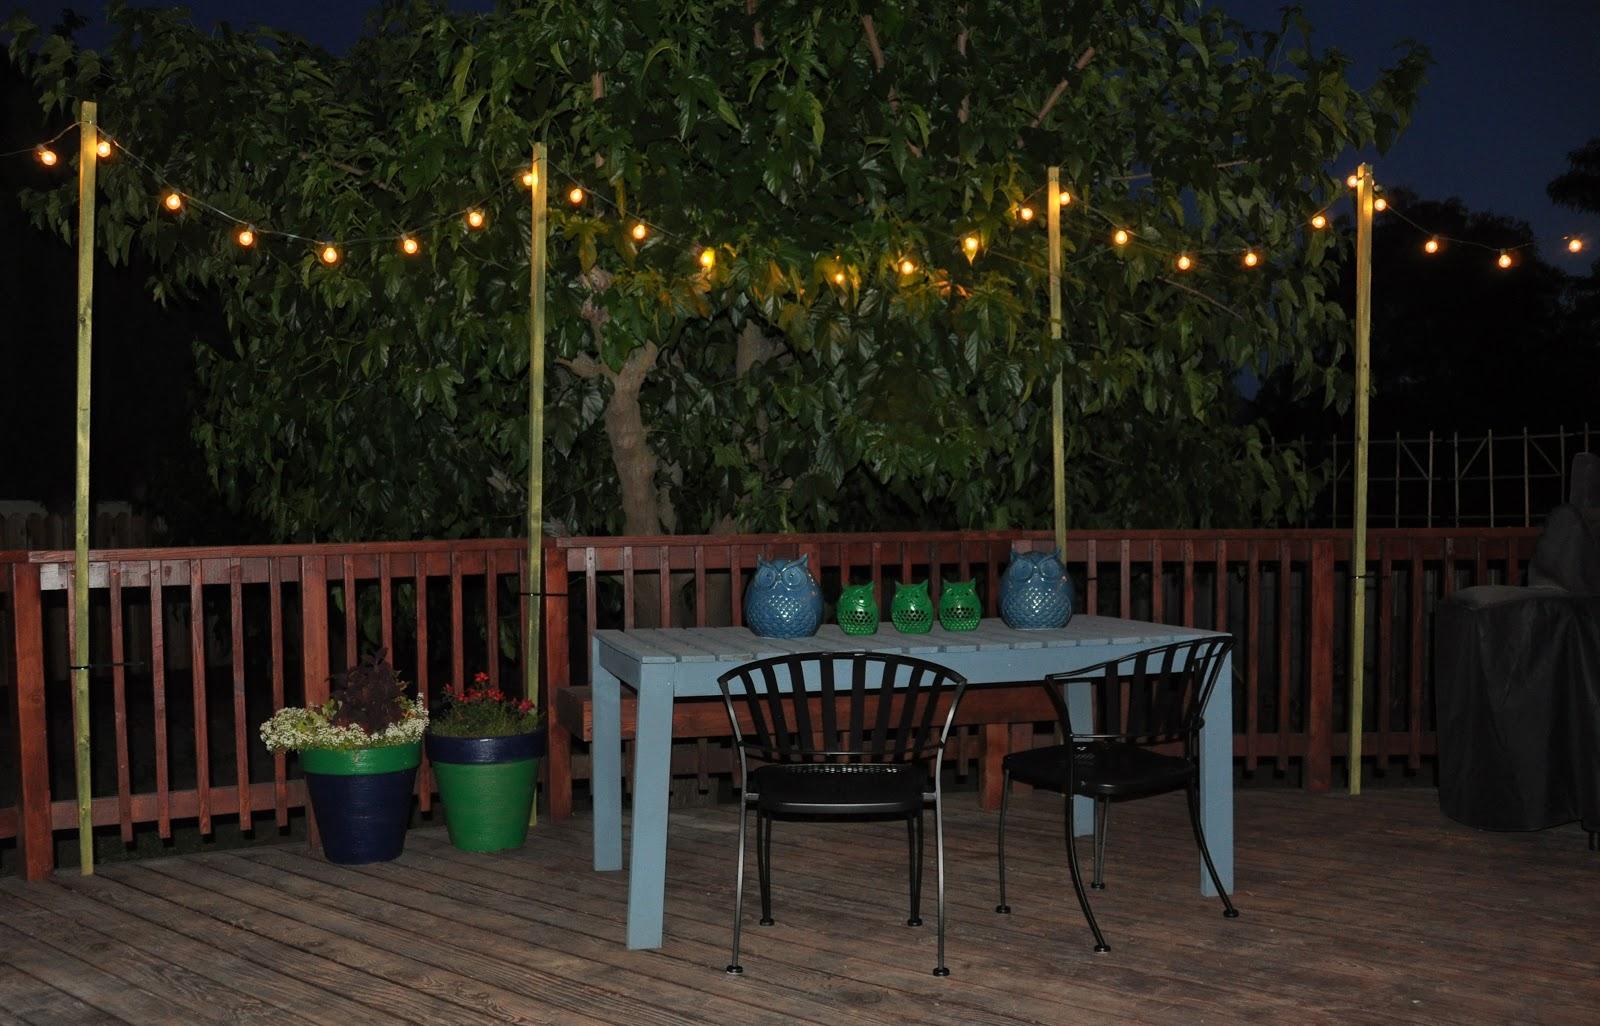 25 Lastest Hanging Outdoor Patio Lights - pixelmari.com